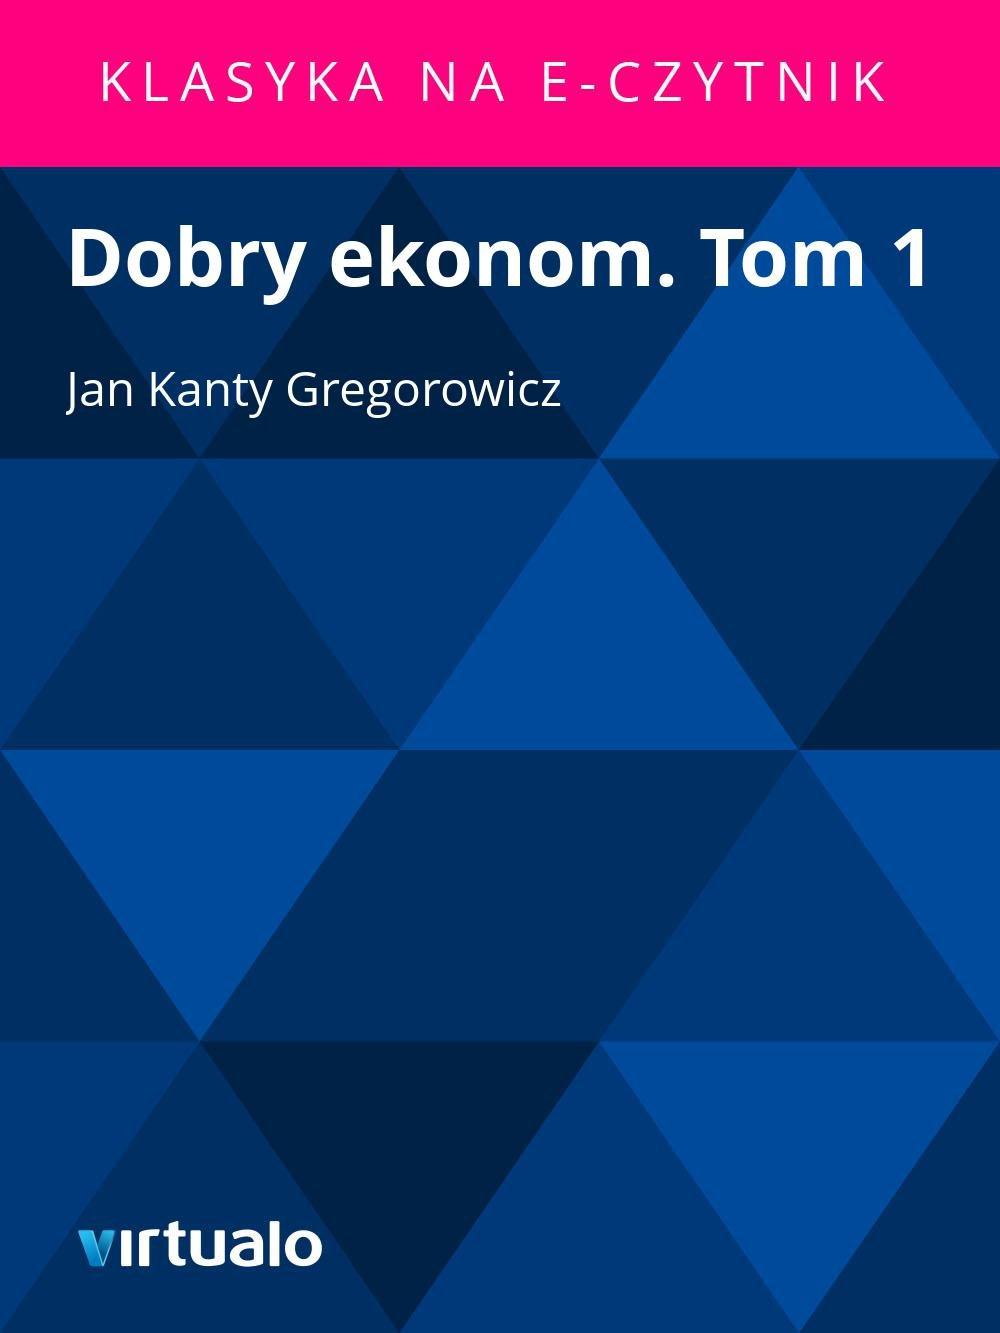 Dobry ekonom. Tom 1 - Ebook (Książka EPUB) do pobrania w formacie EPUB